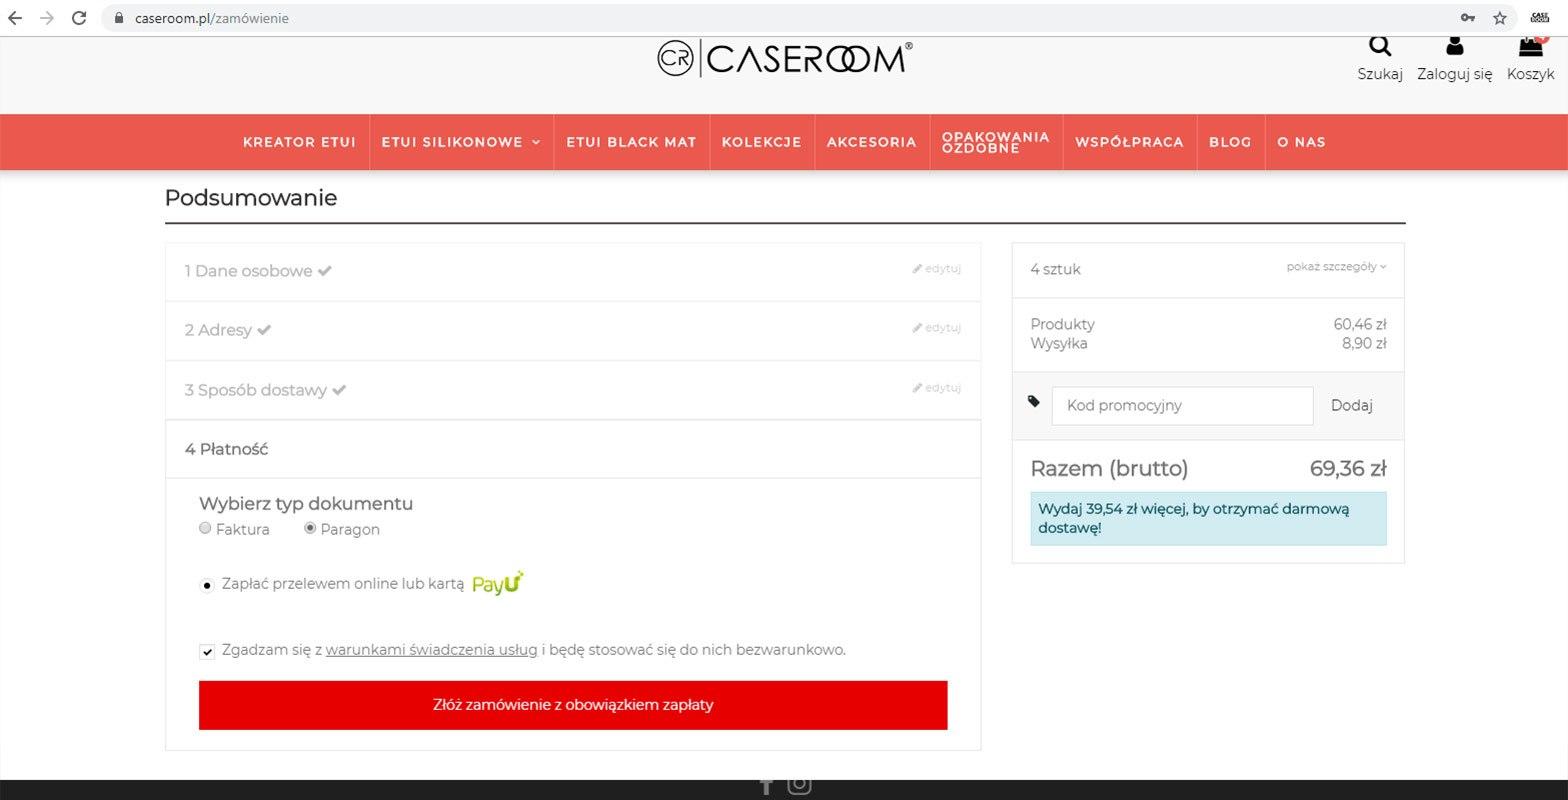 Caseroom.pl - instrukcja obsługi kreatora etui